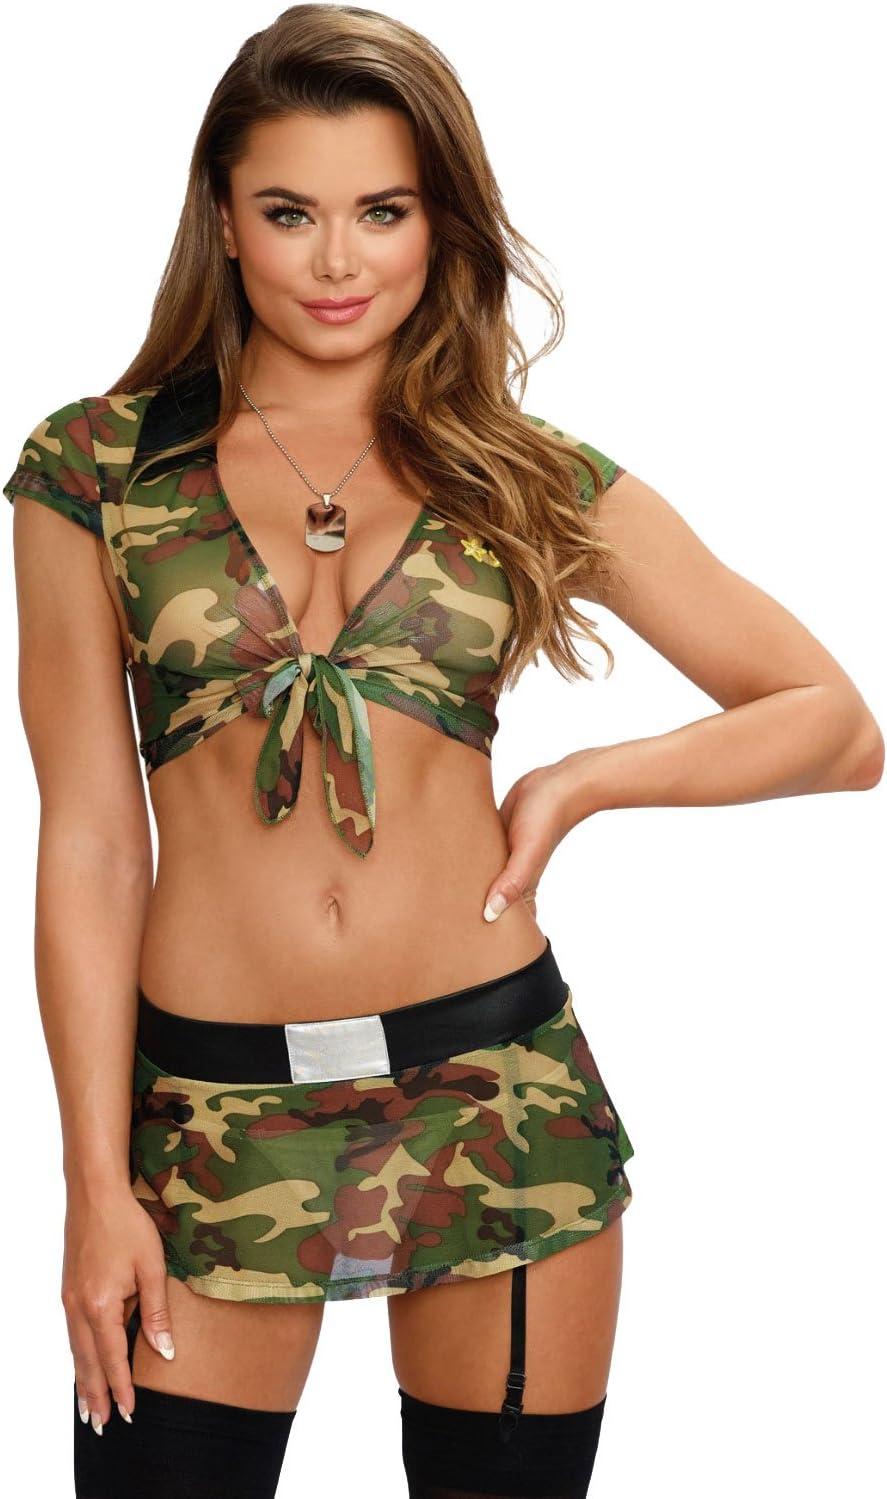 DreamGirl Disfraz Emocionante Chica Soldado Un Tamaño Camuflaje ...